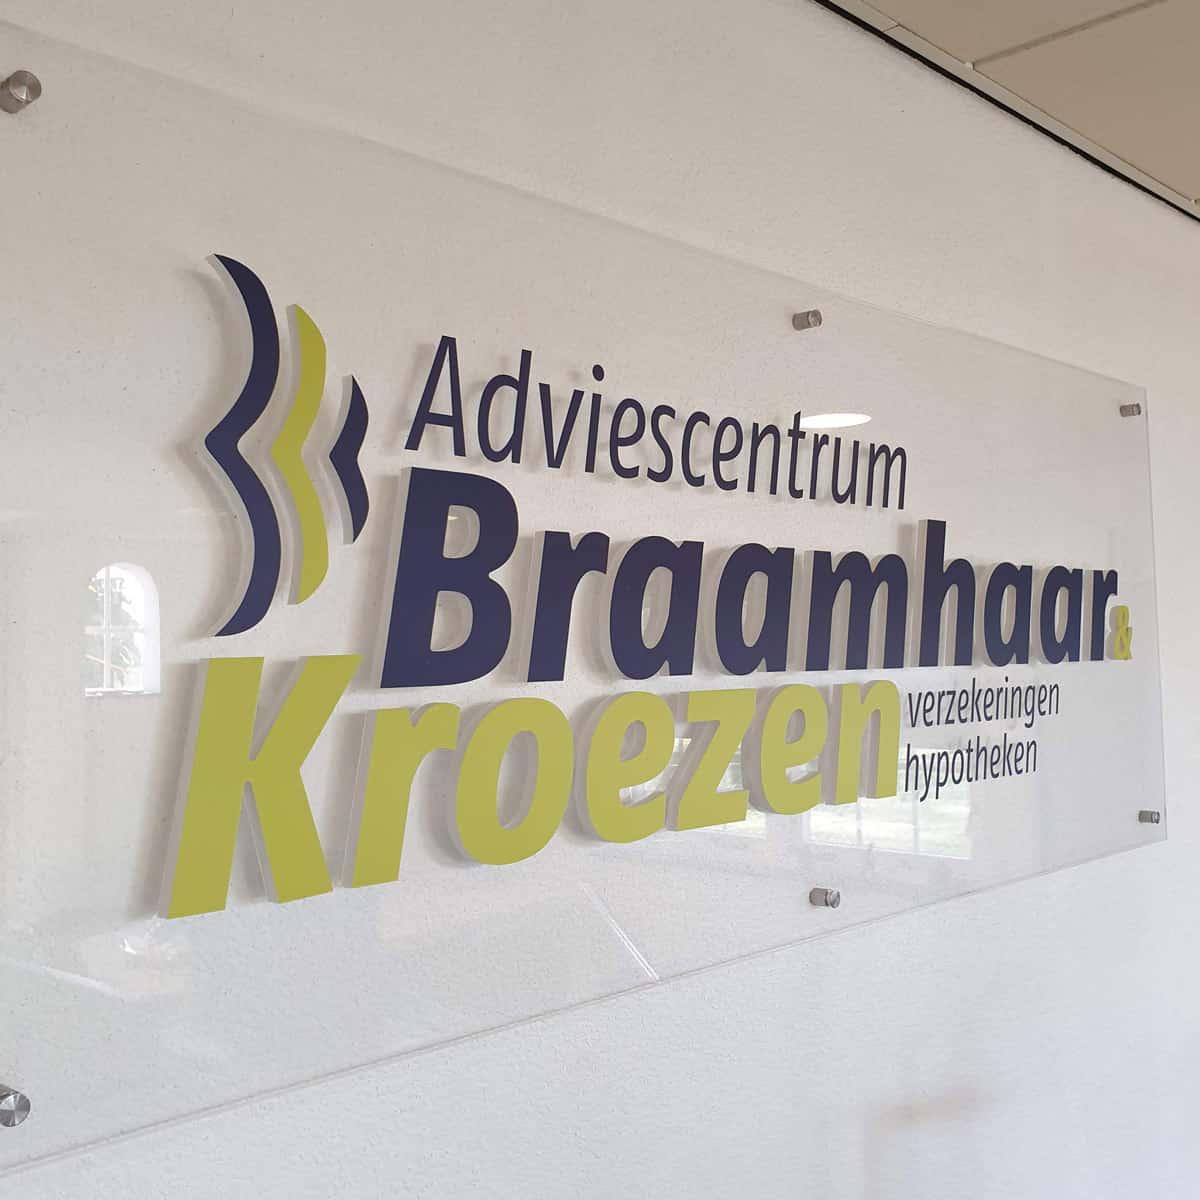 Huisstijl-gevelreclame-Braamhaar&Kroezen-burobedenkt